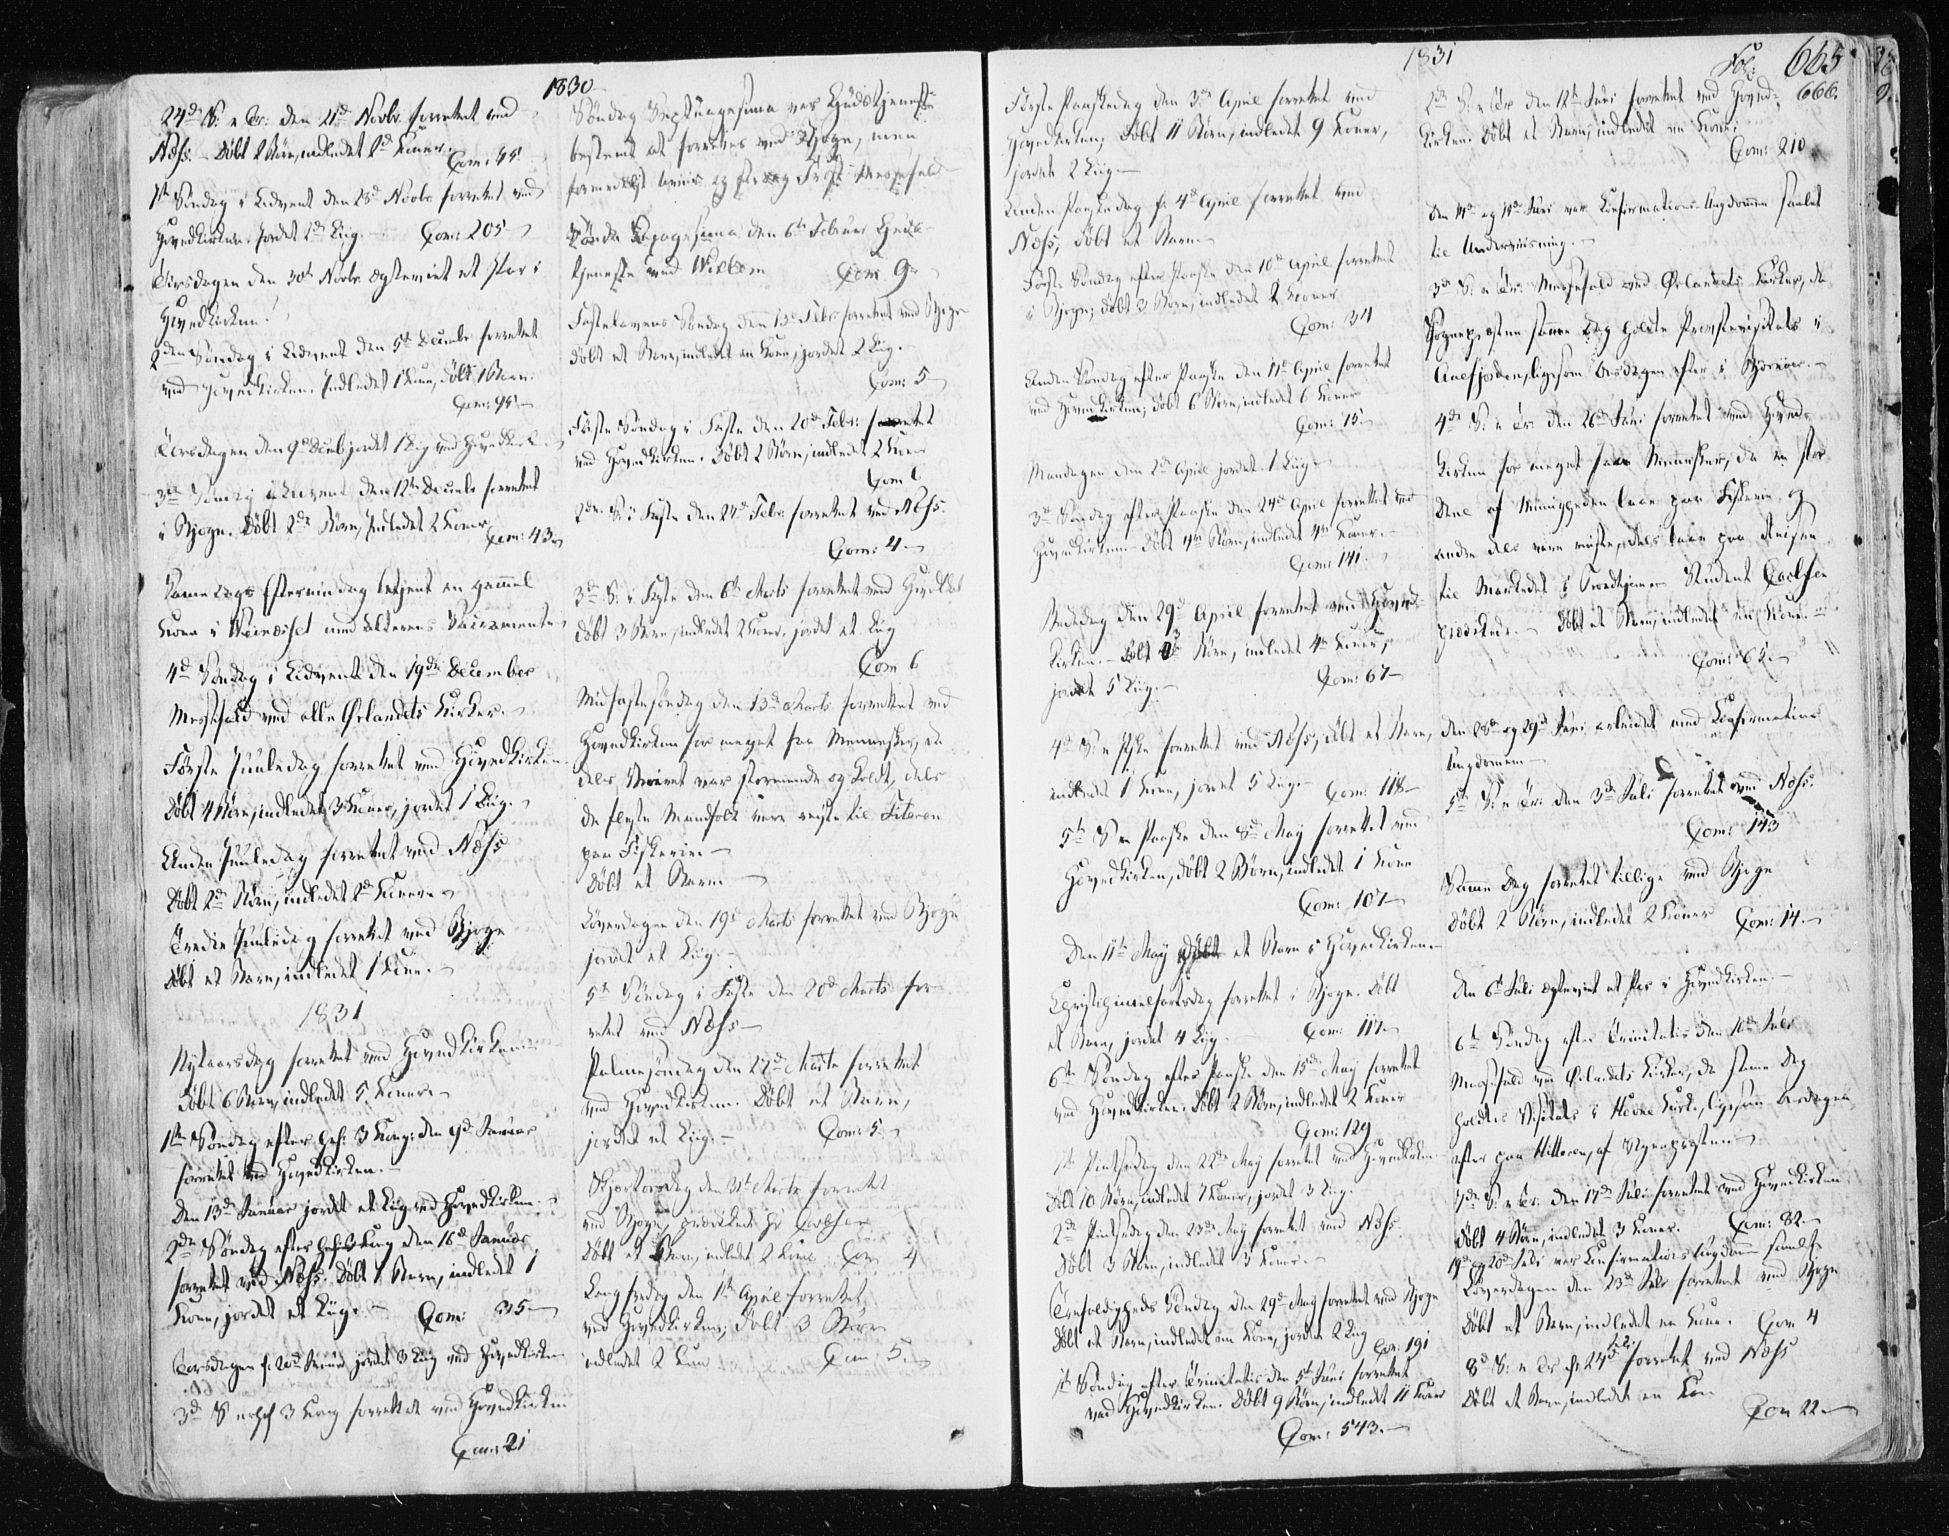 SAT, Ministerialprotokoller, klokkerbøker og fødselsregistre - Sør-Trøndelag, 659/L0735: Ministerialbok nr. 659A05, 1826-1841, s. 665